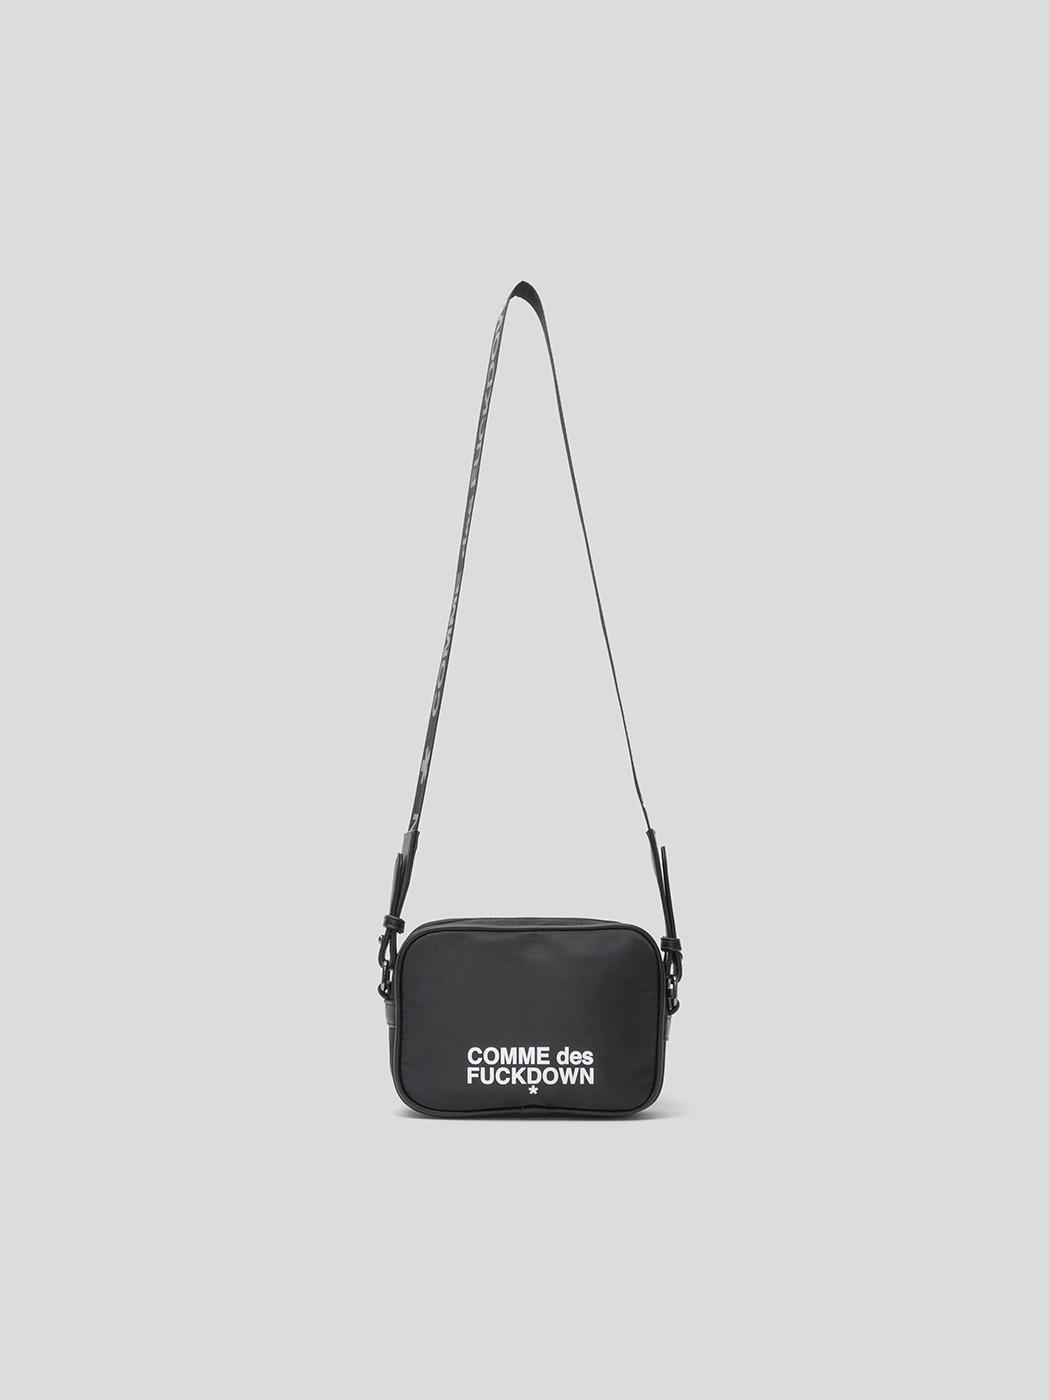 SHOULDER BAG - CDFA567 - COMME DES FKDOWN